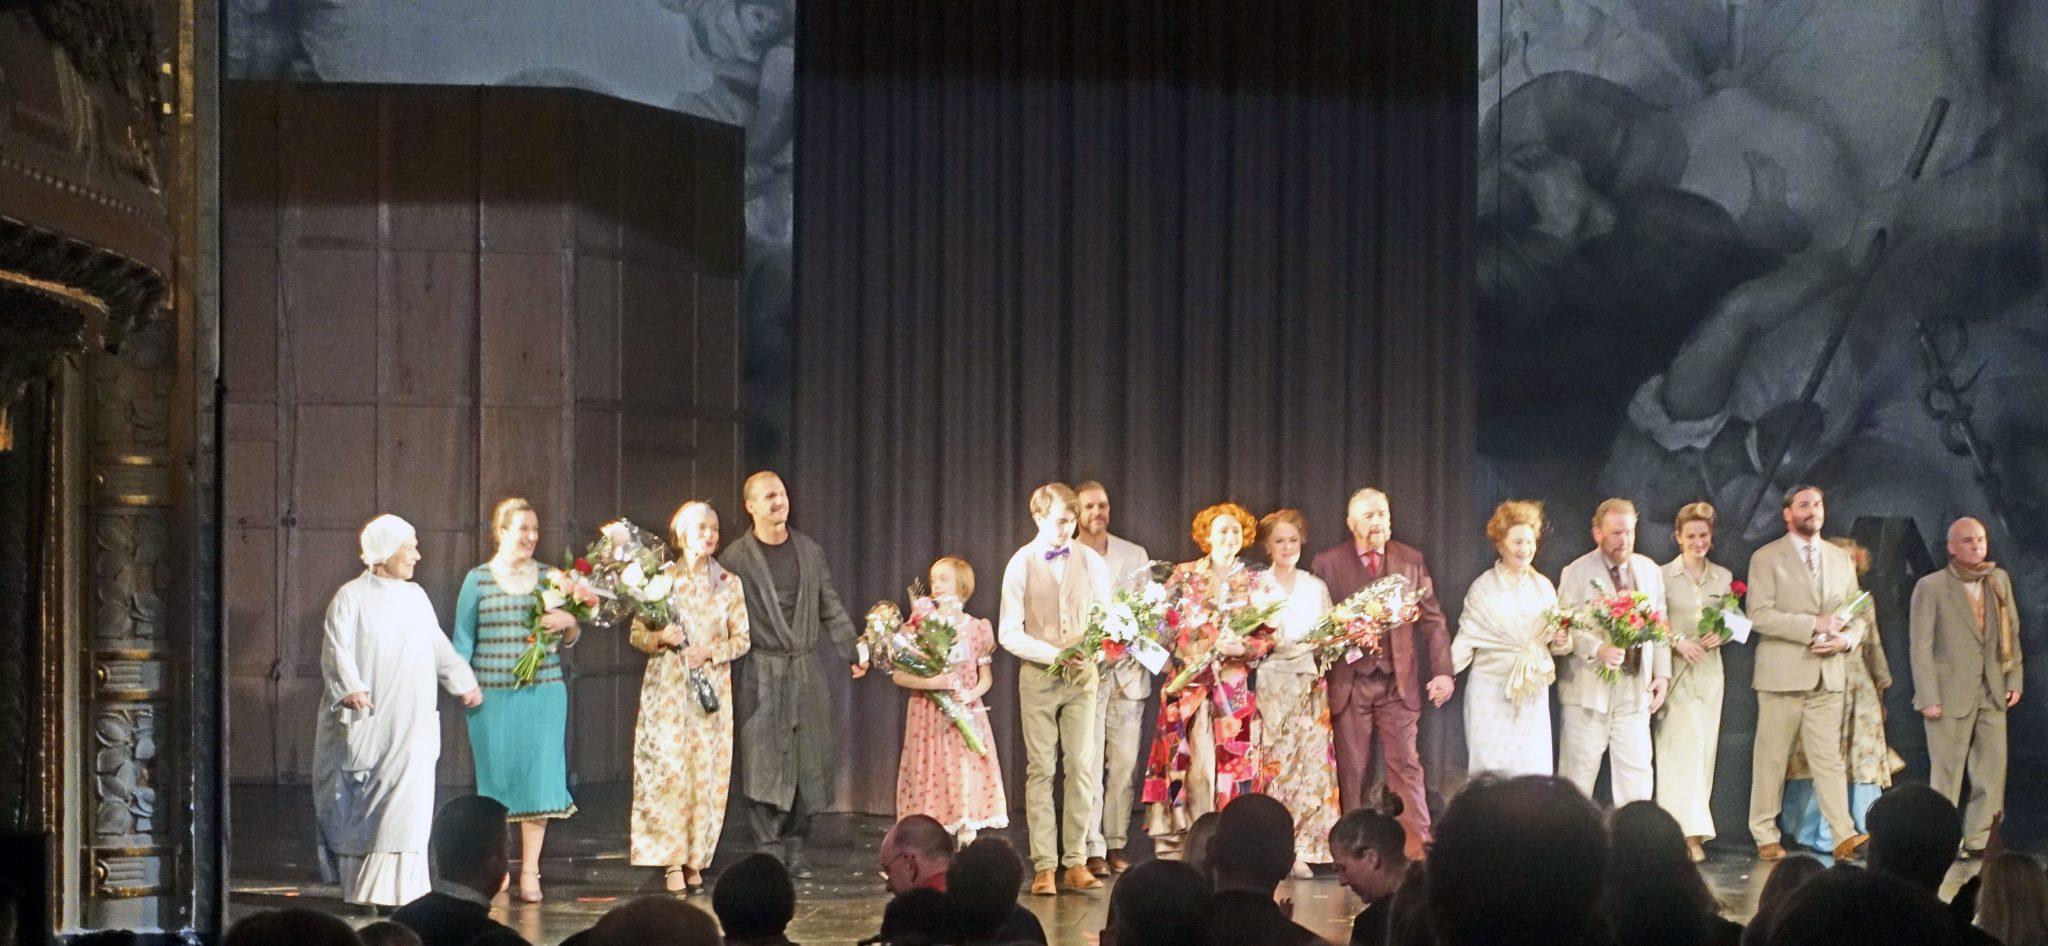 Dramaten, Anton Forsdik, Fanny och Alexander, Stefan Larsson